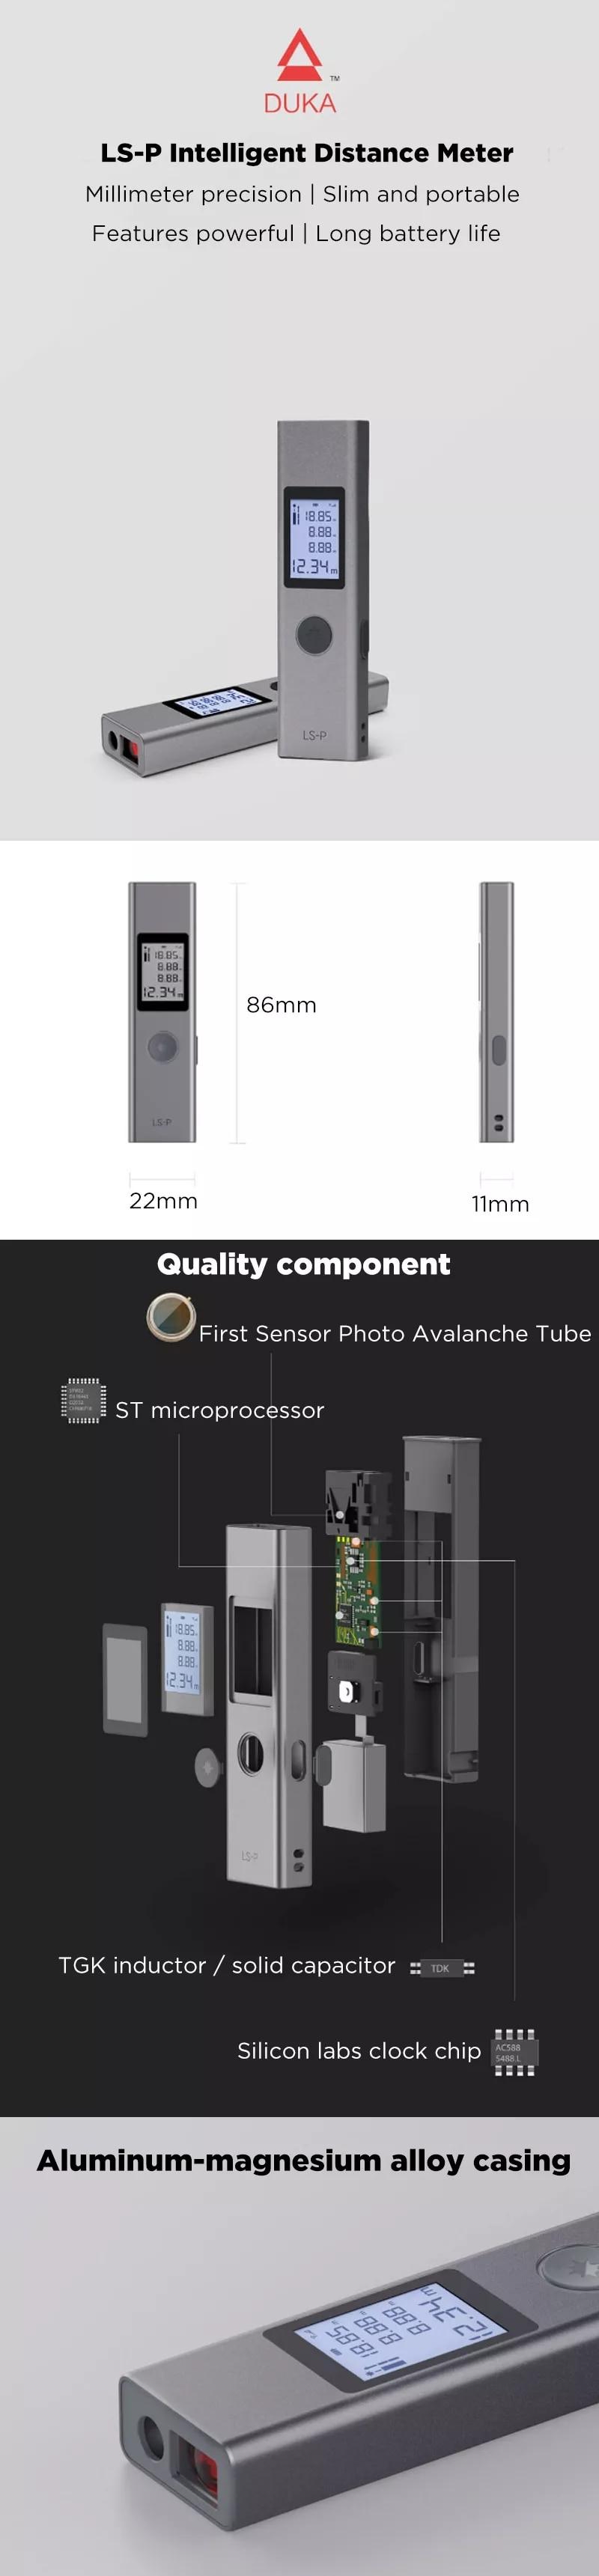 Duka LS-P Laser Range Finder Gloable